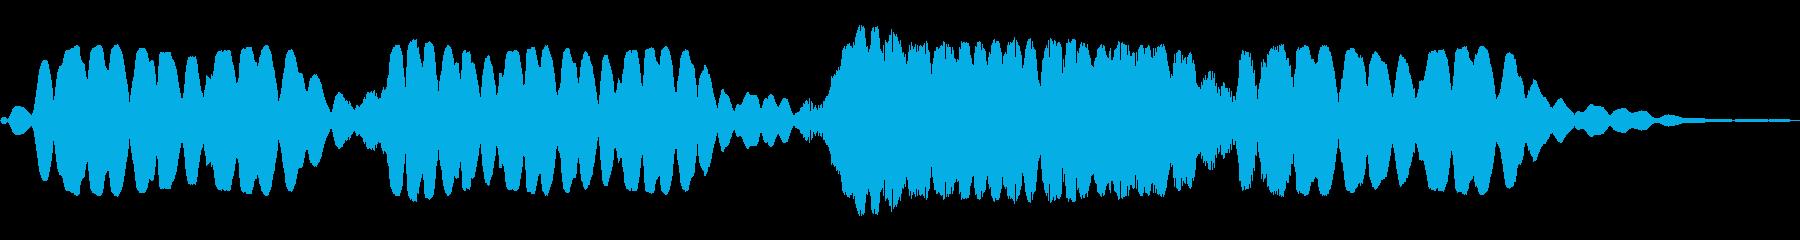 ホワワワーン(幻想的な効果音)の再生済みの波形